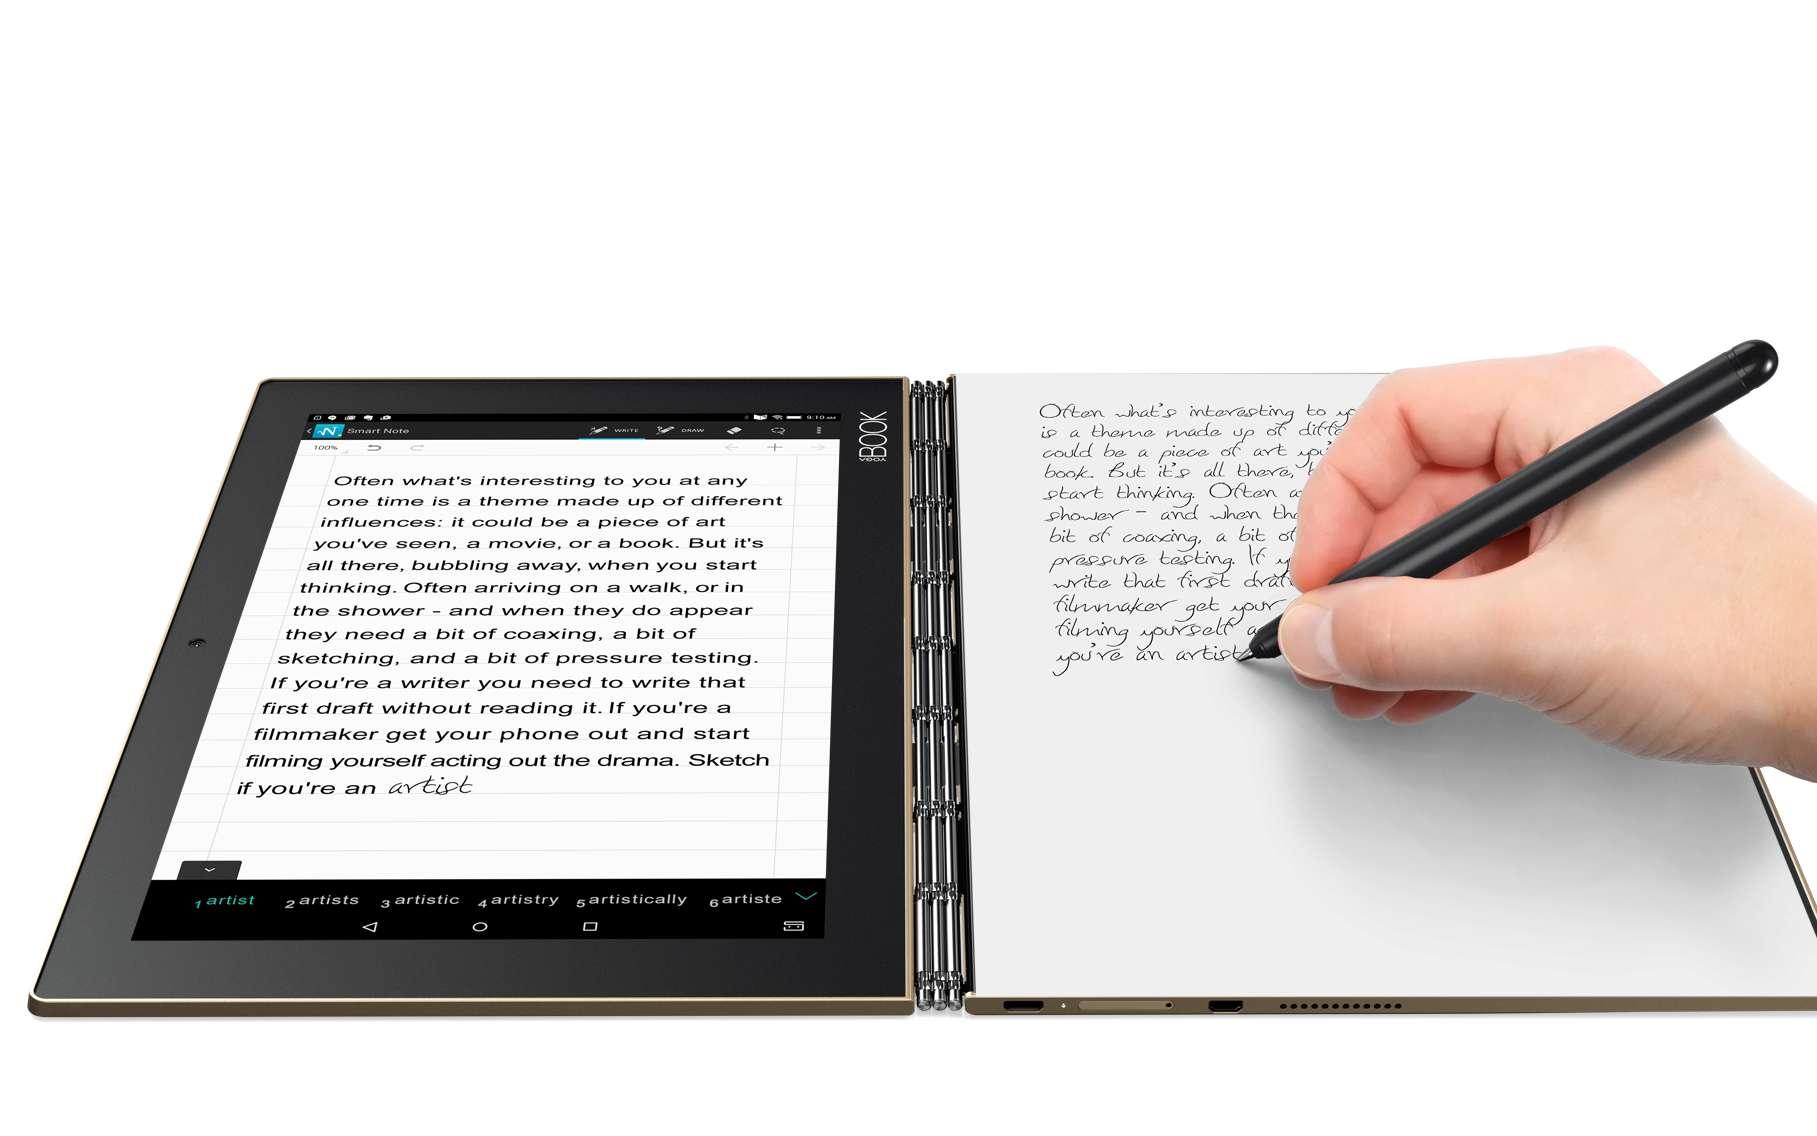 La tablette Yoga Book est pensée comme un outil de travail, avec son clavier virtuel et son stylet, mais aussi comme une tablette de loisir avec un écran tactile 10,1 pouces et un système son Dolby Atmos. © Lenovo